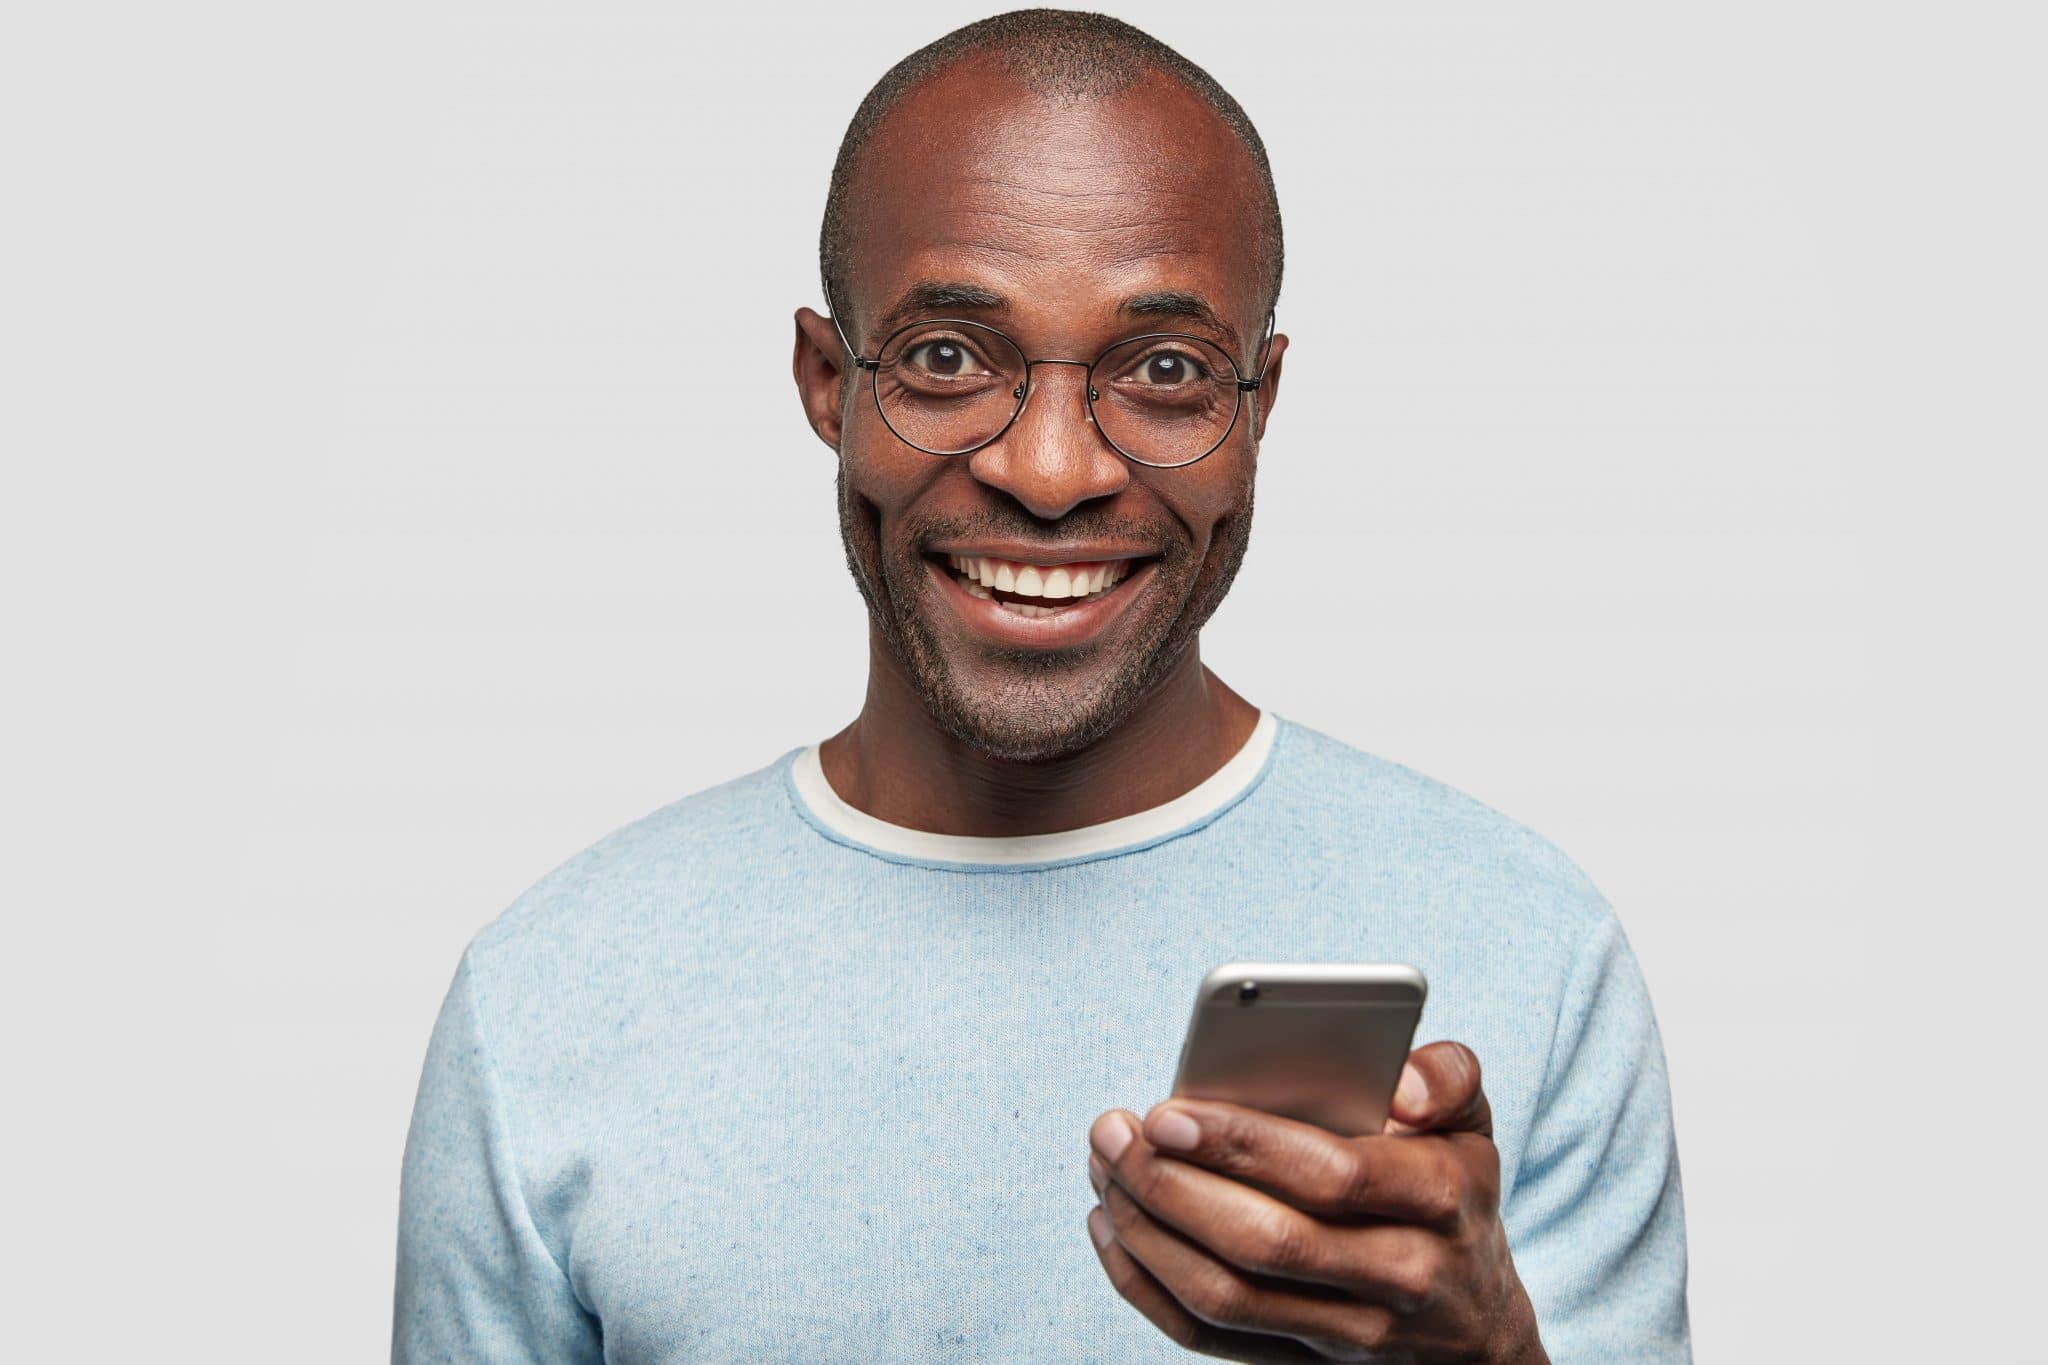 Homem sorrindo com celular na mão que contém seu aplicativo de gestão de vendedores externos